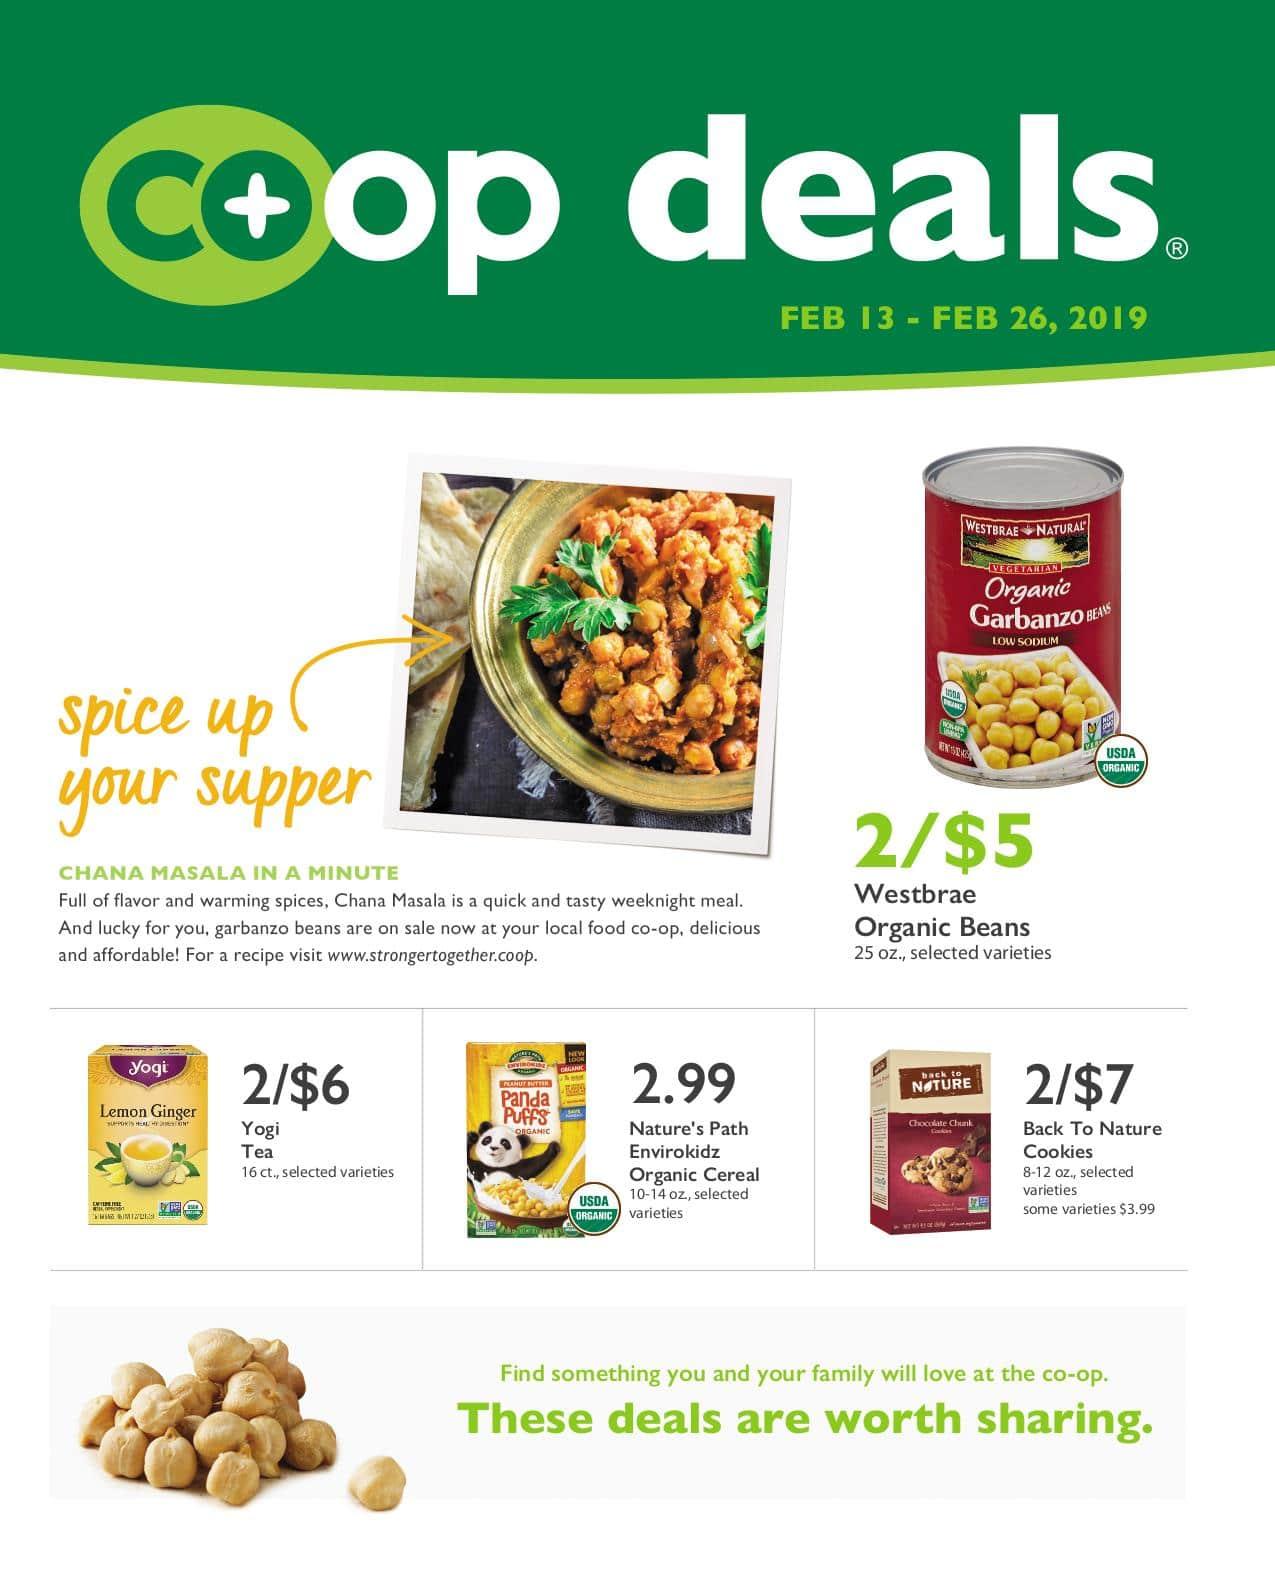 First Alternative Co-op Deals February 13-26